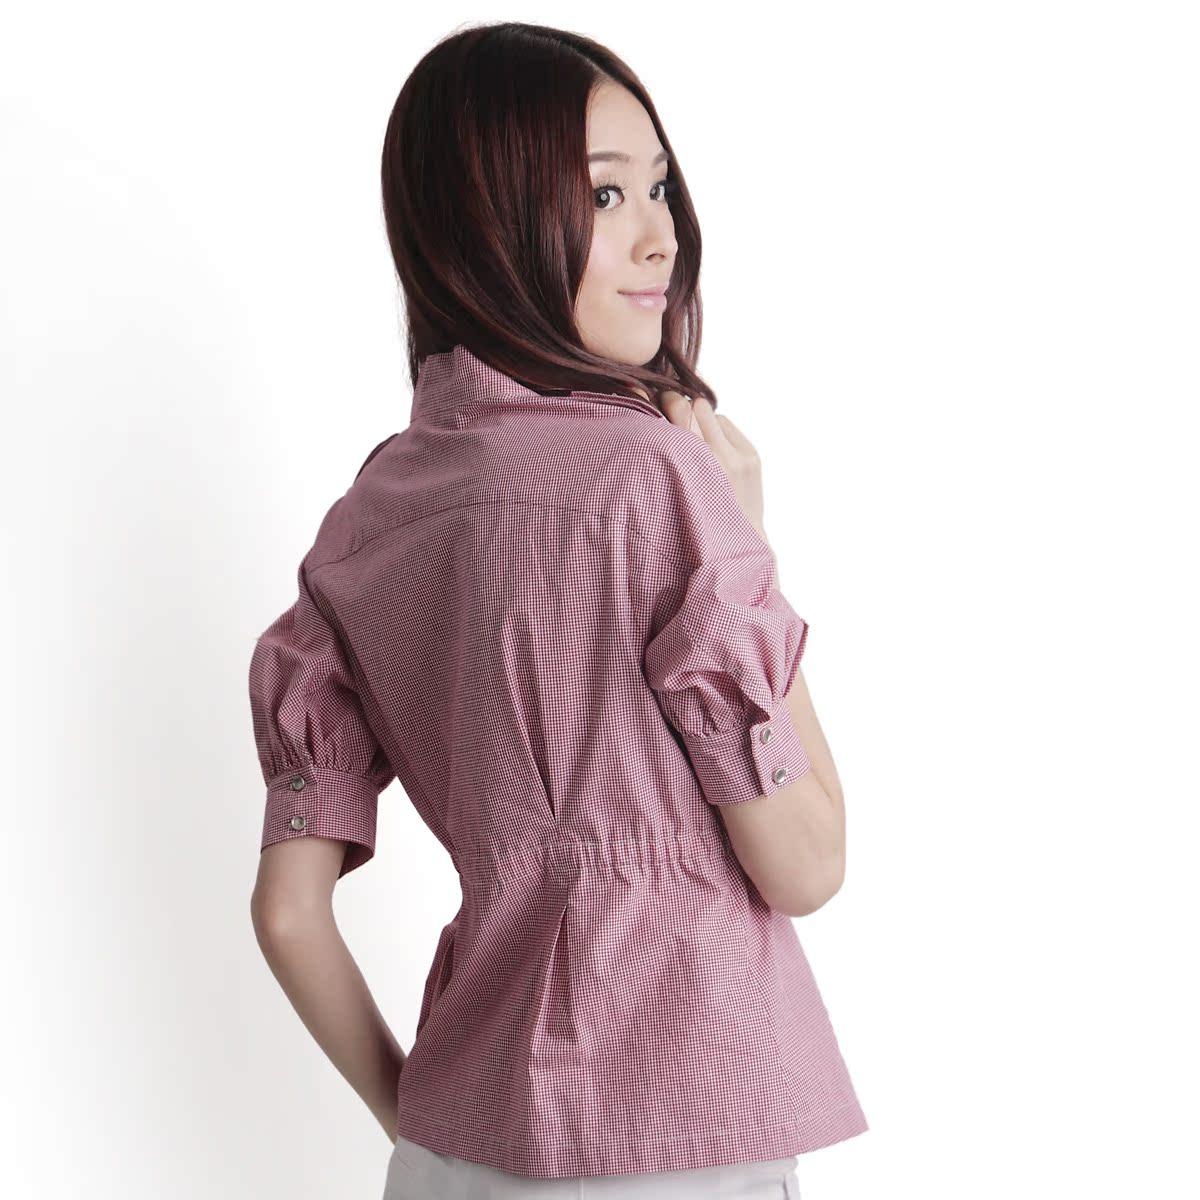 женская рубашка OSA sc00303 2011 C00303